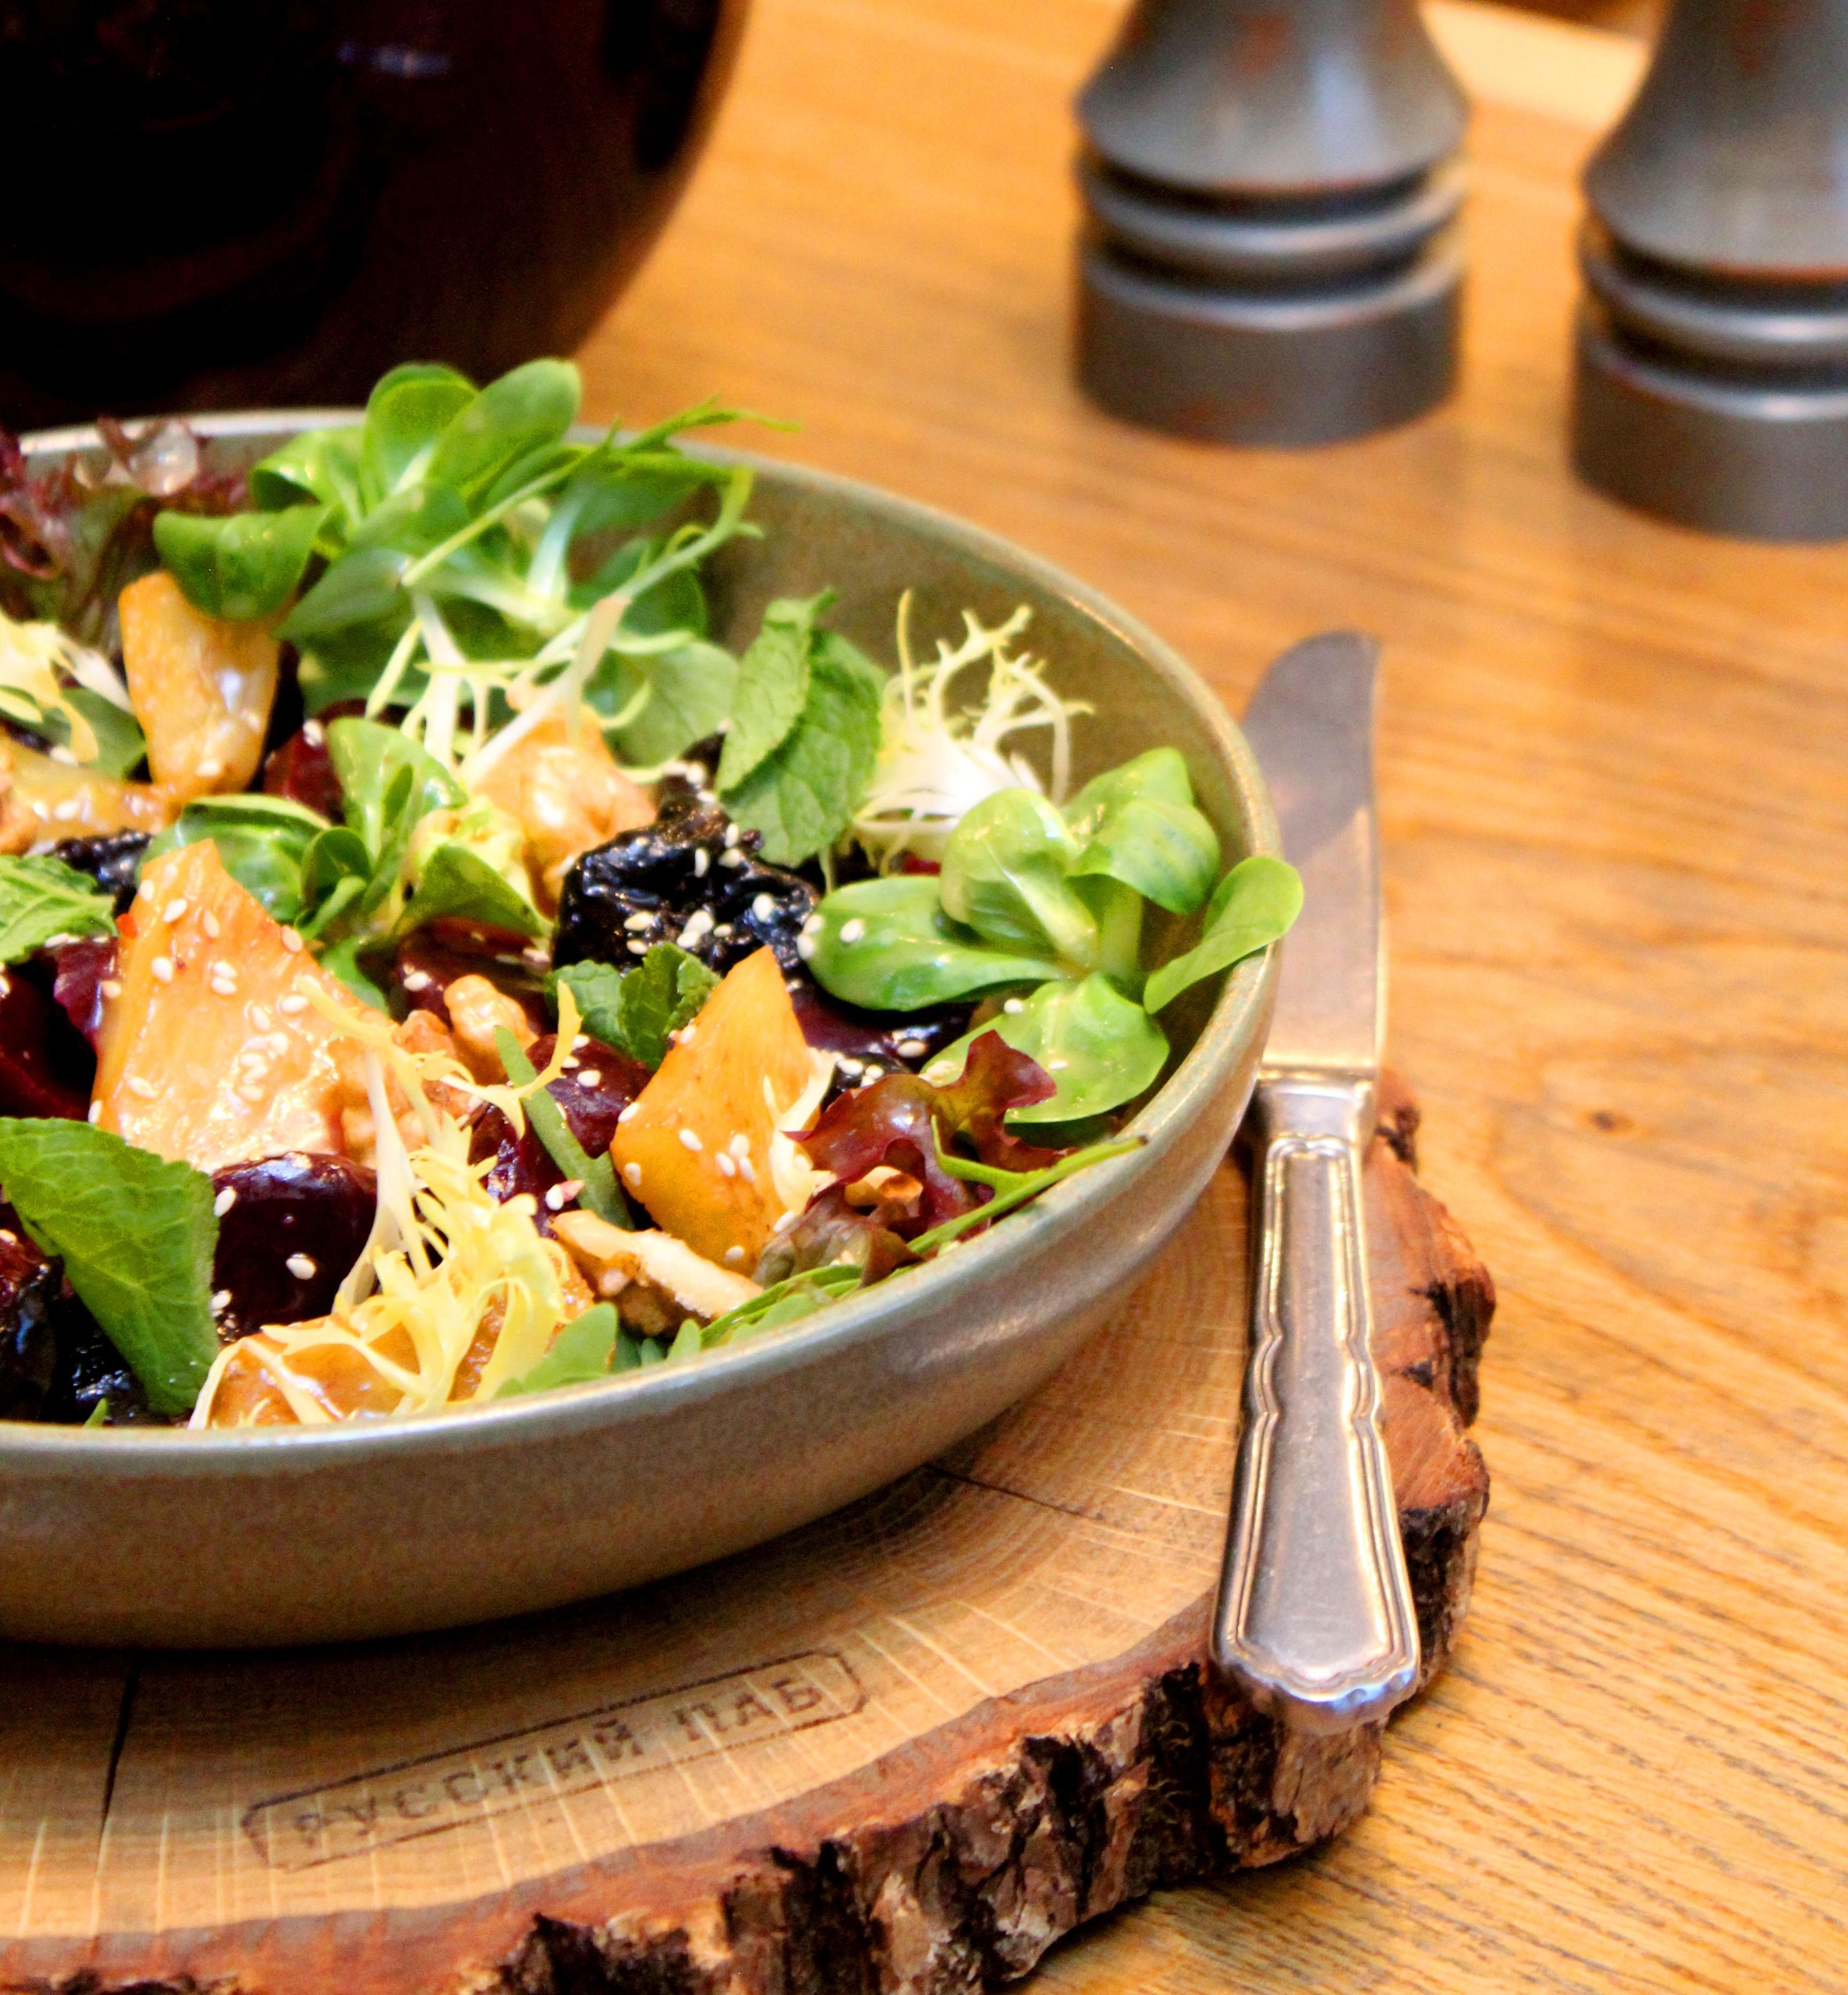 Рецепт от шефа: салат из свеклы с ананасом и черносливом